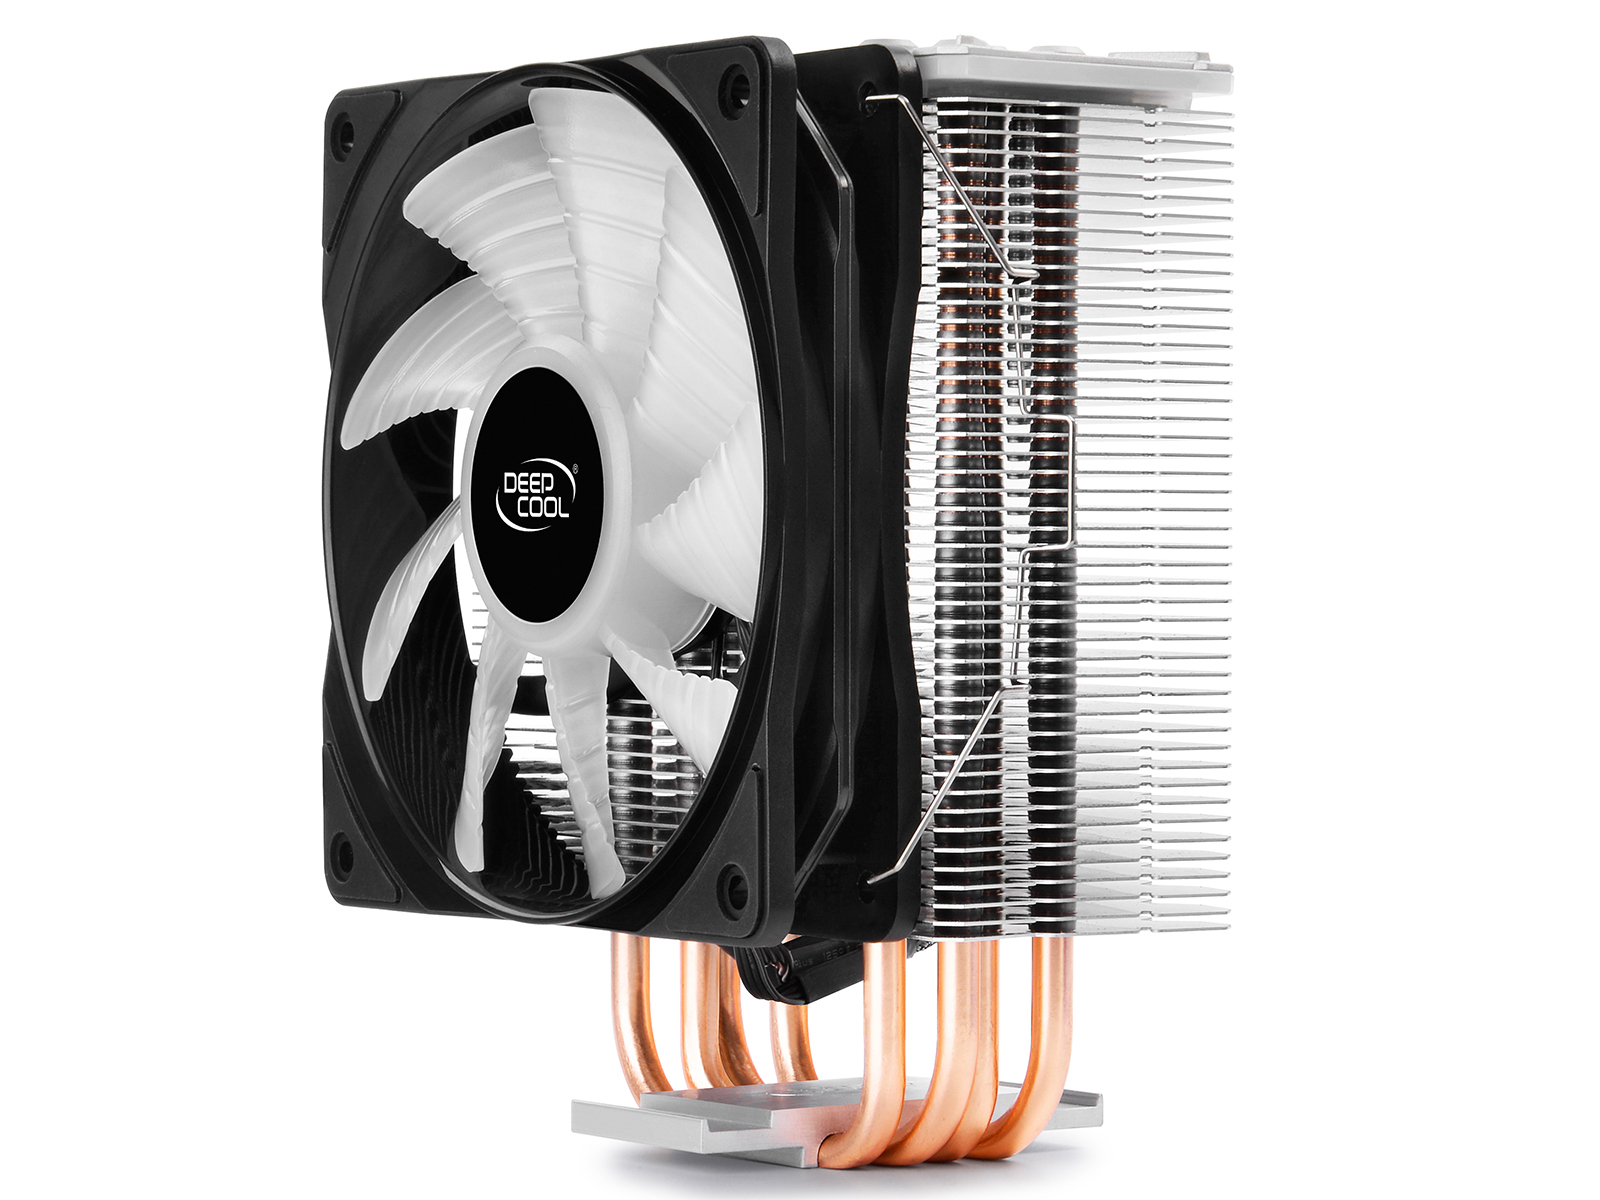 Deepcool Gammaxx GT RGB CPU Cooler image